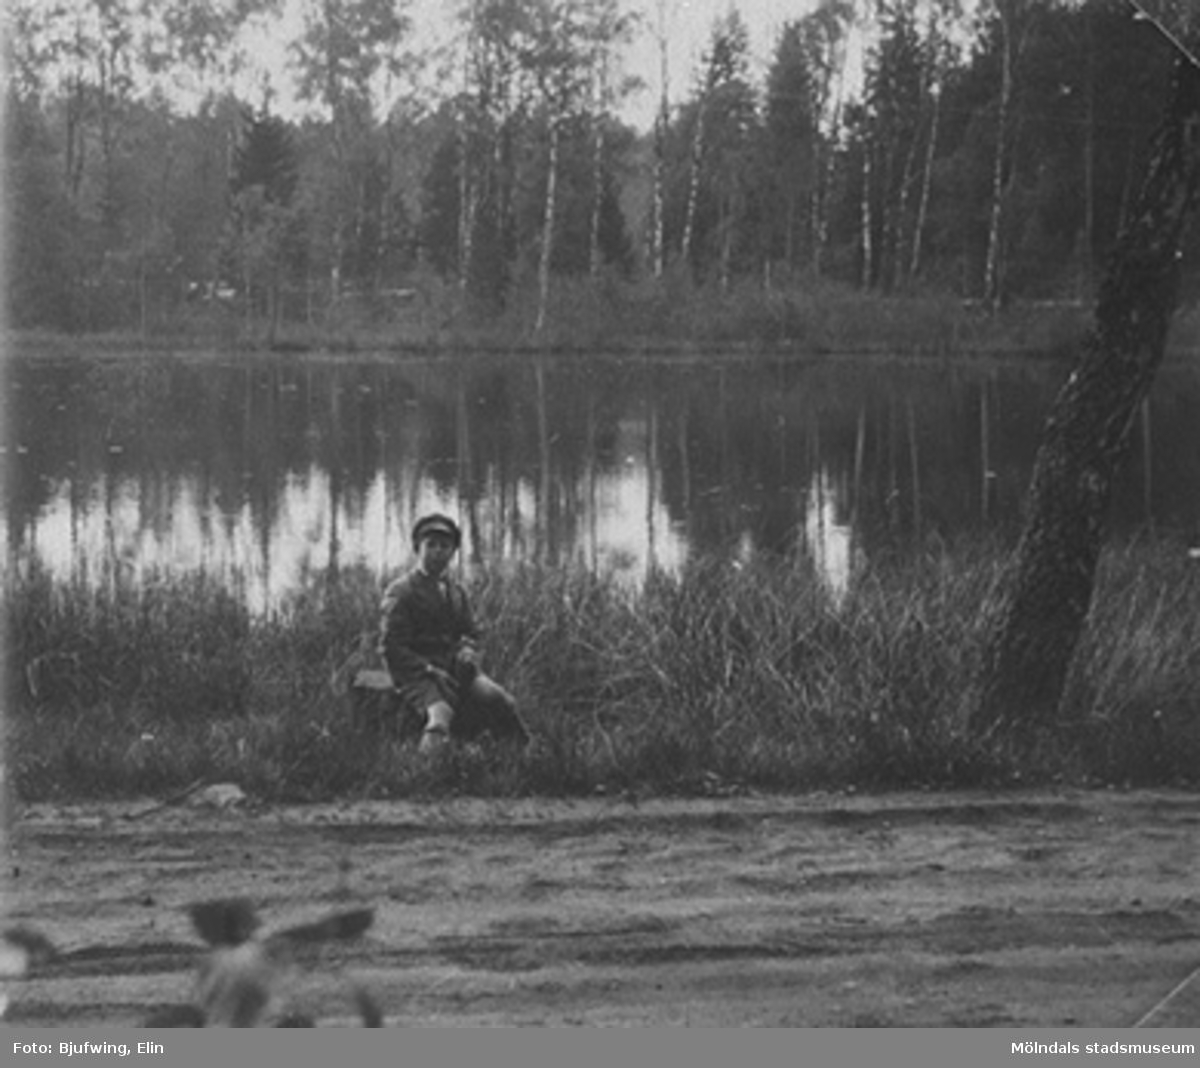 """Lars """"Lasse"""" Andersson vid en sjö, 1930-talets början. Han är son till Elisabet och Oskar Andersson. Fotografen Elin var lillasyster till Oskar Andersson, givaren Brittas morfar."""